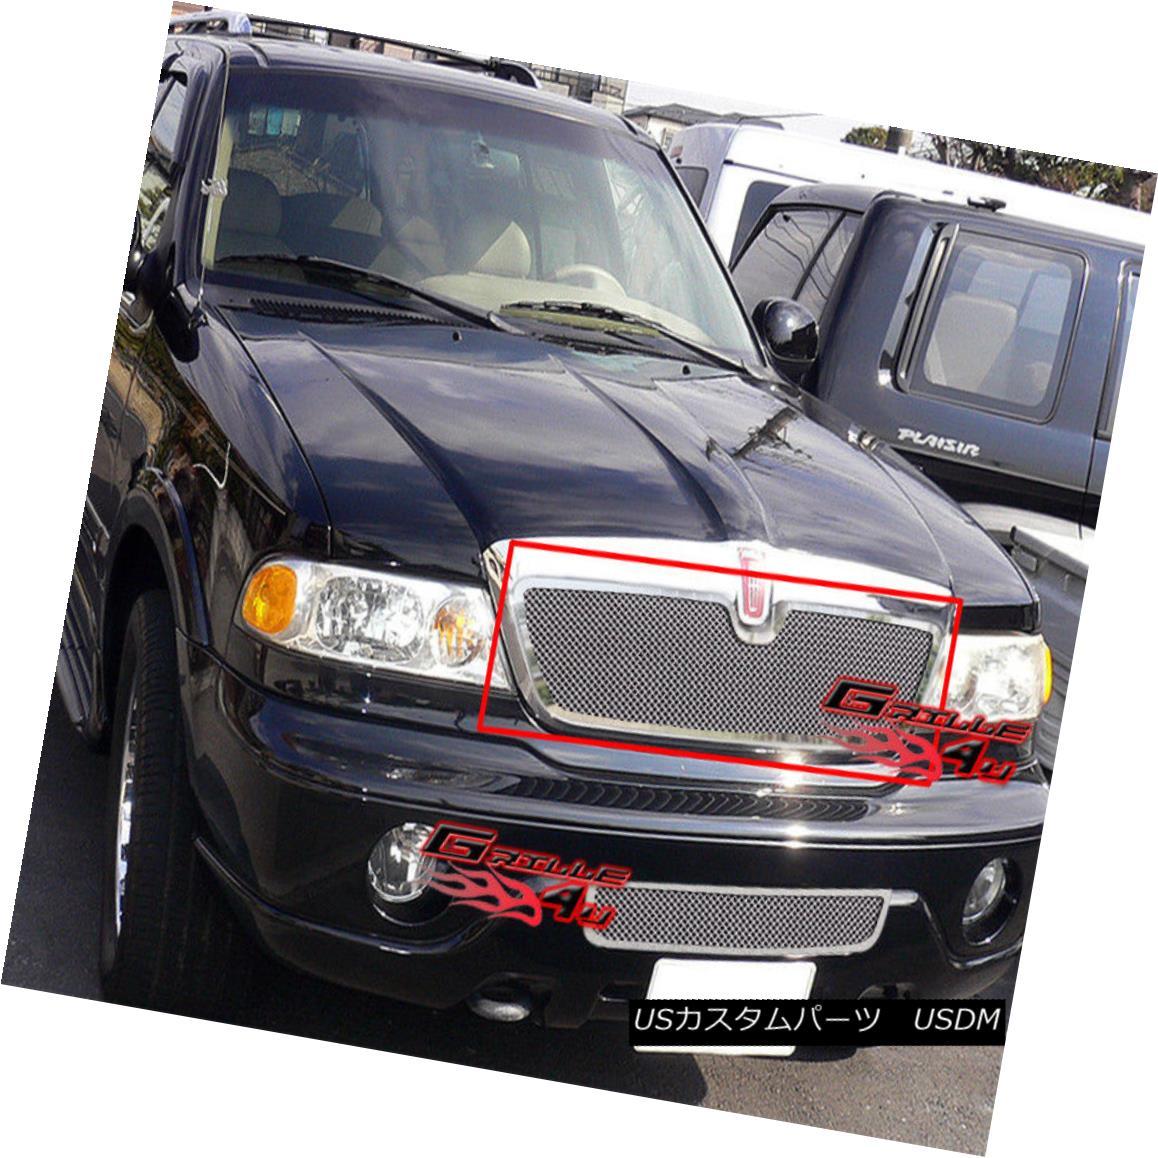 グリル For 03-06 Lincoln Navigator Stainless Mesh Grille Insert 03-06リンカーンナビゲーターステンレスメッシュグリルインサート